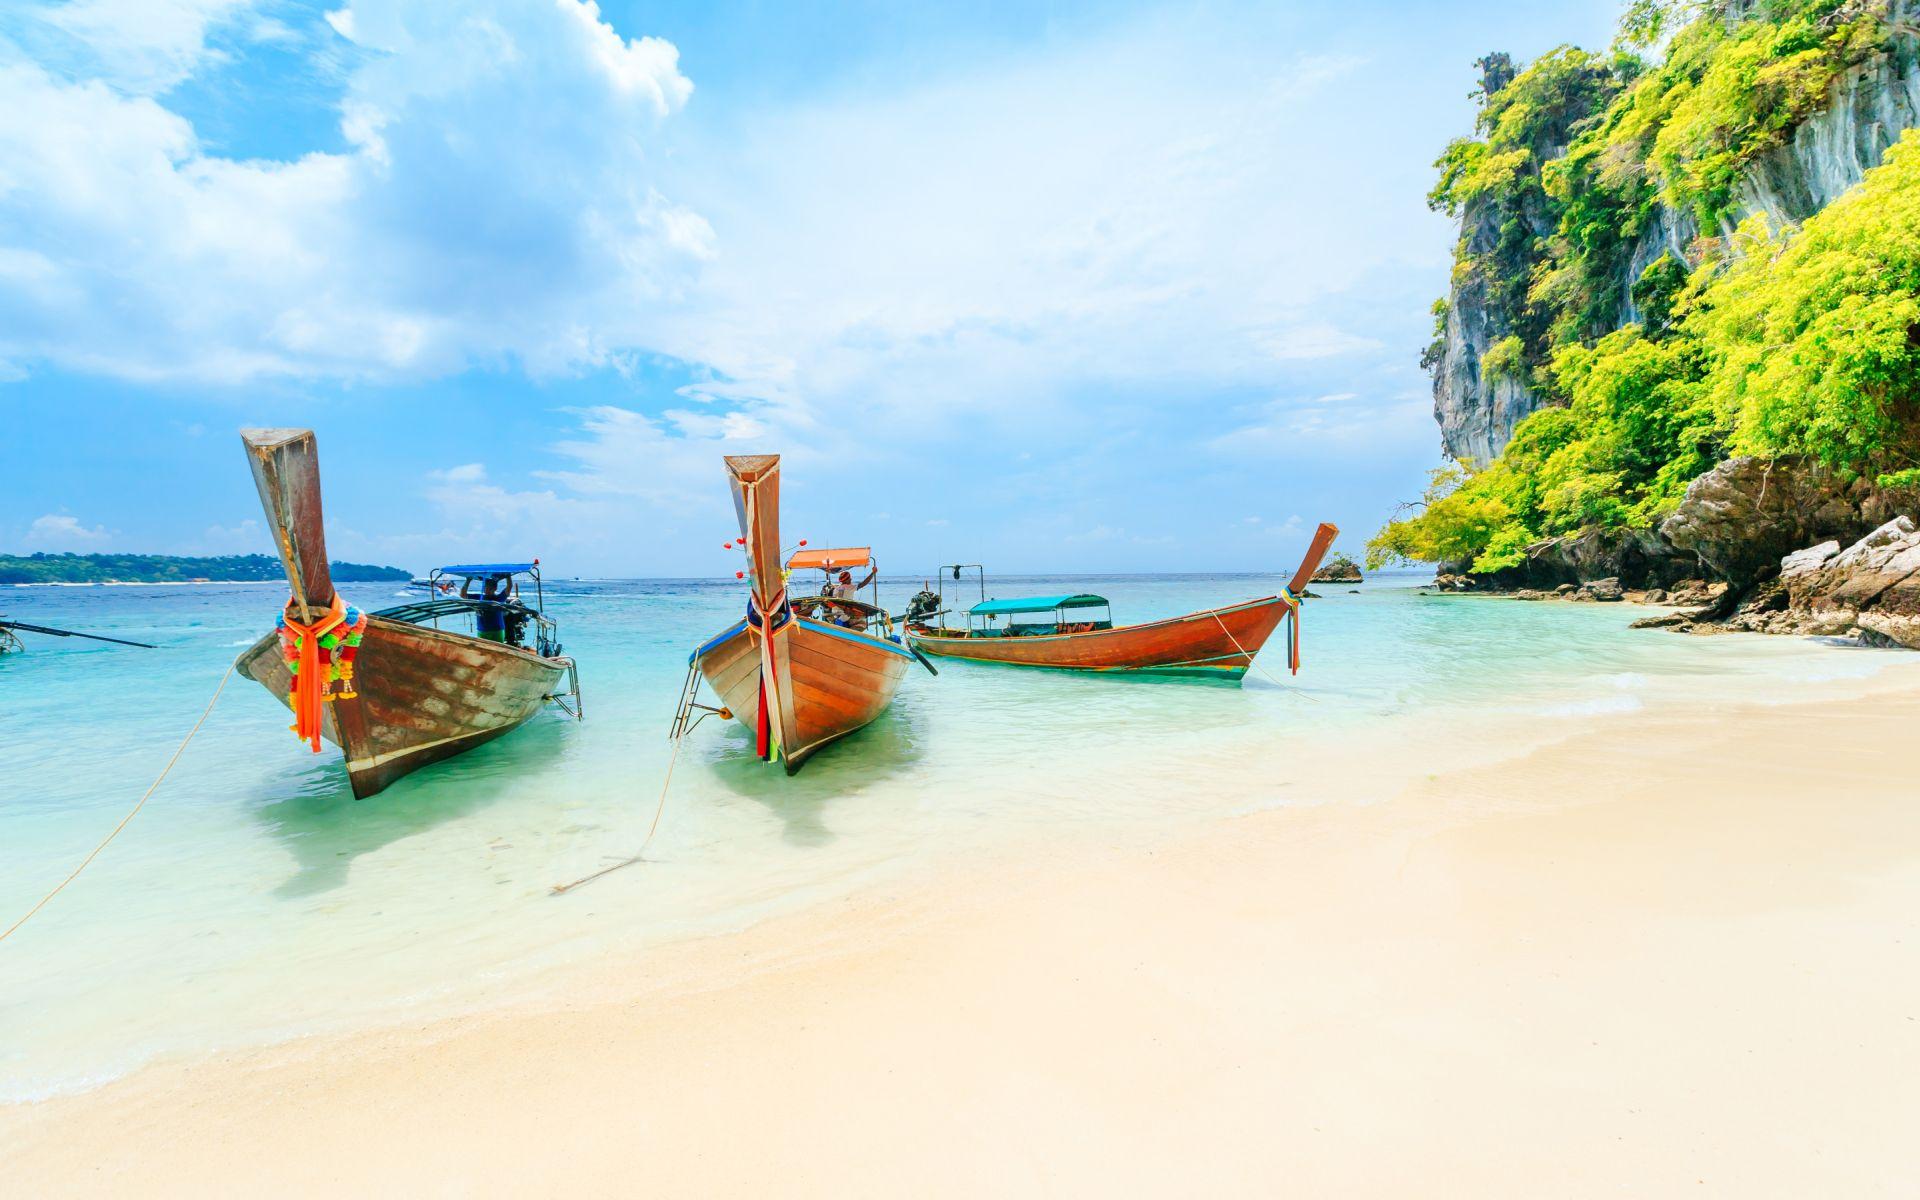 boats on beach summer wallpaper